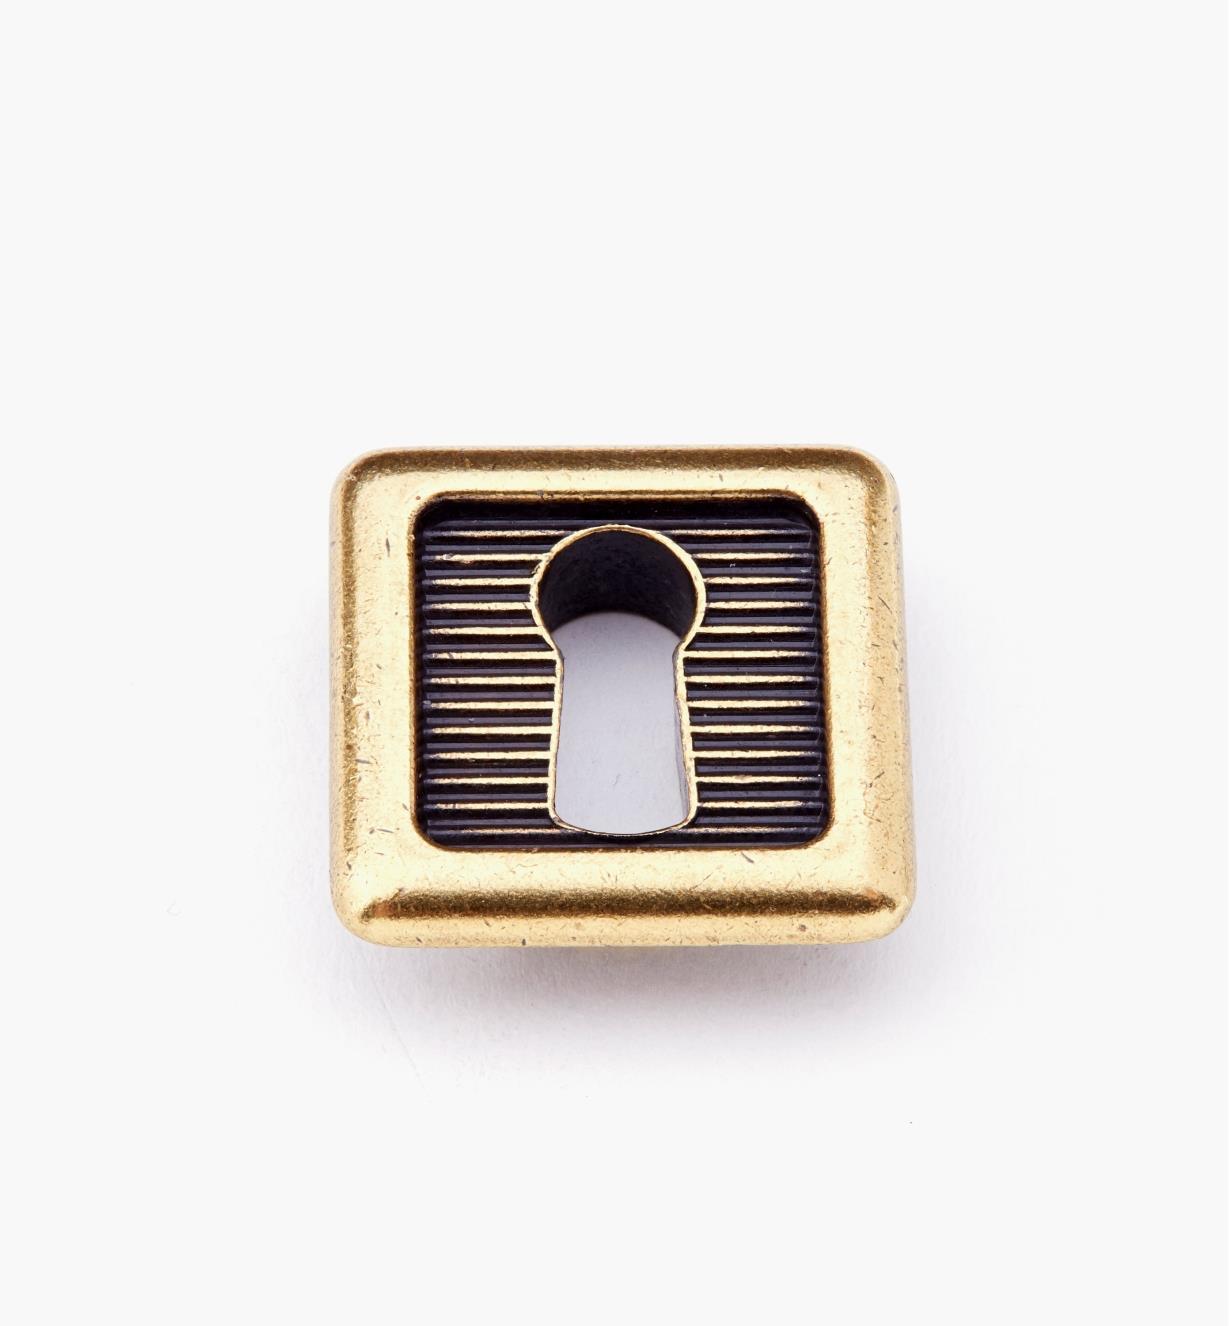 01X4233 - Entrée de serrure carrée encastrée de 25 mm x 25 mm, bronze bruni